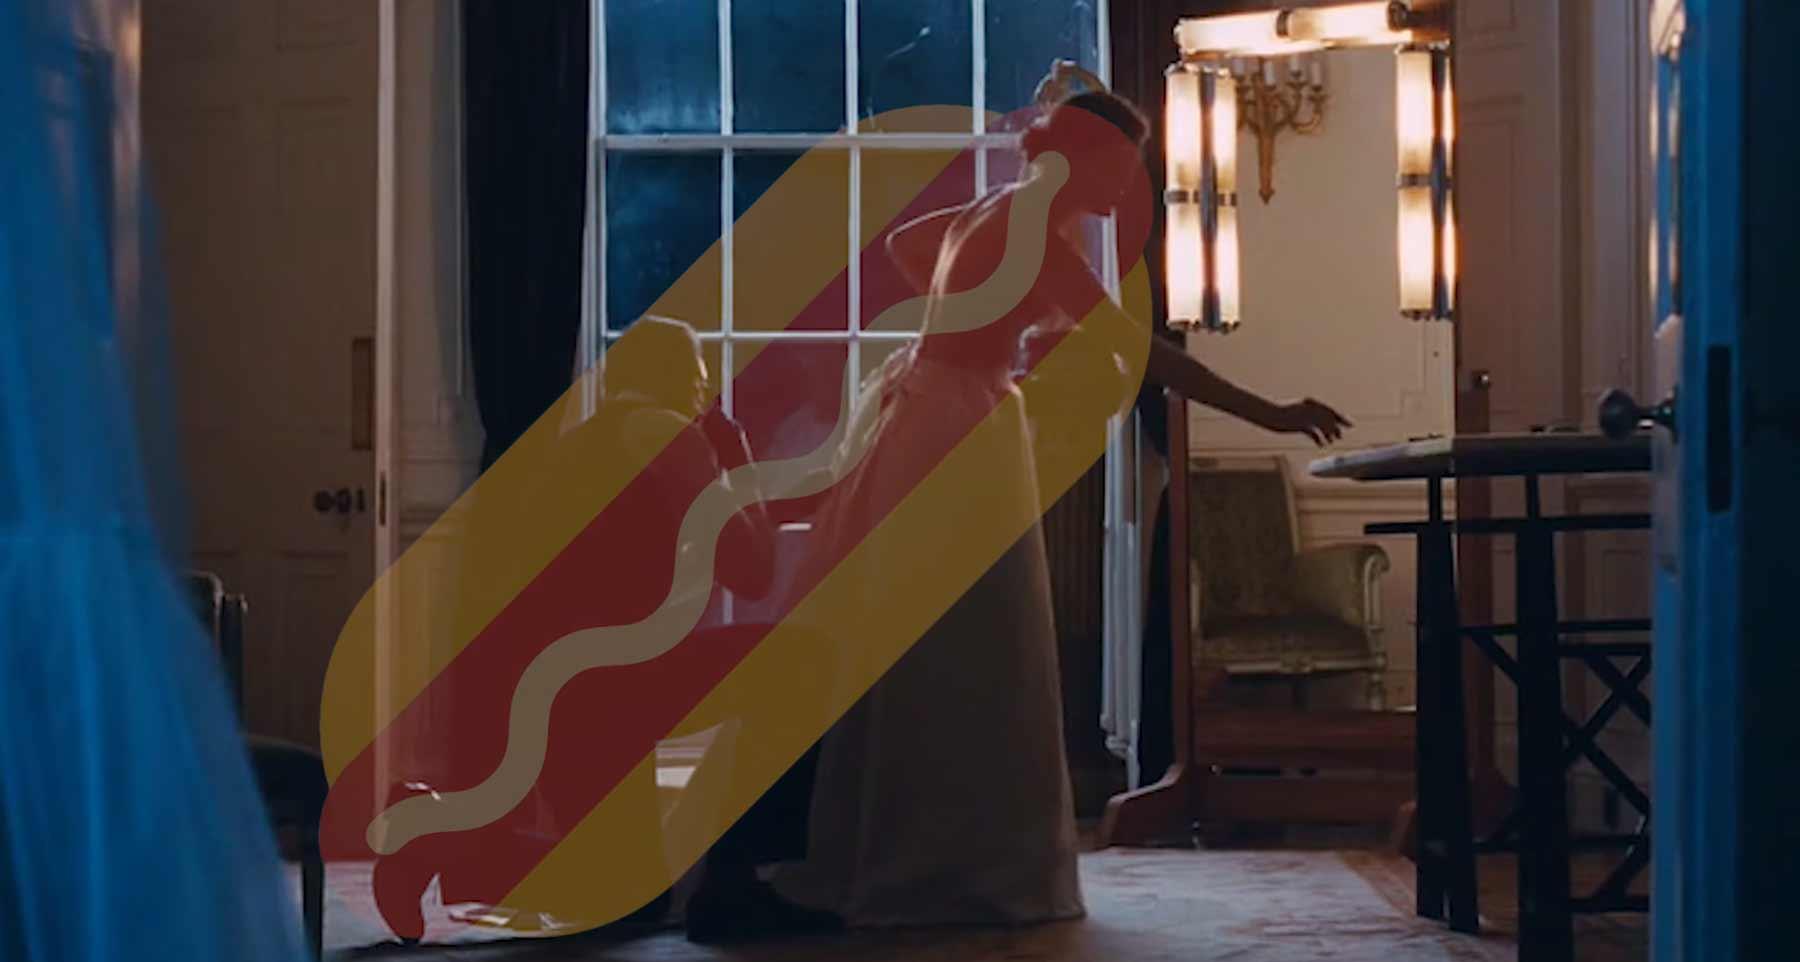 Wie Hot Dog-Formen in Filmen zur Stimmungssteuerung genutzt werden